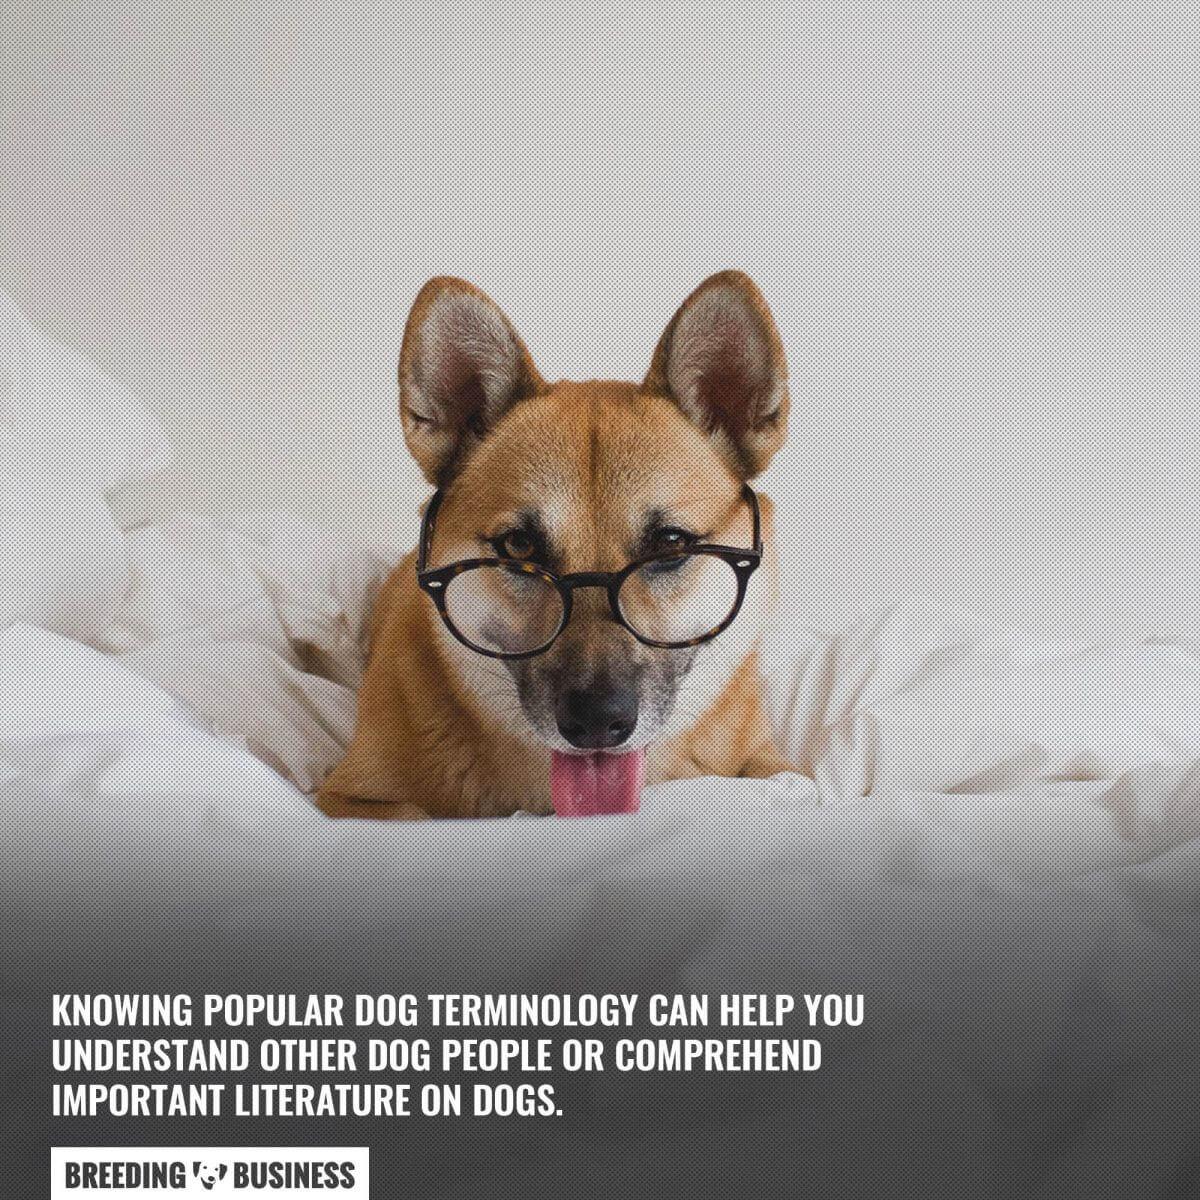 Understanding canine terminology